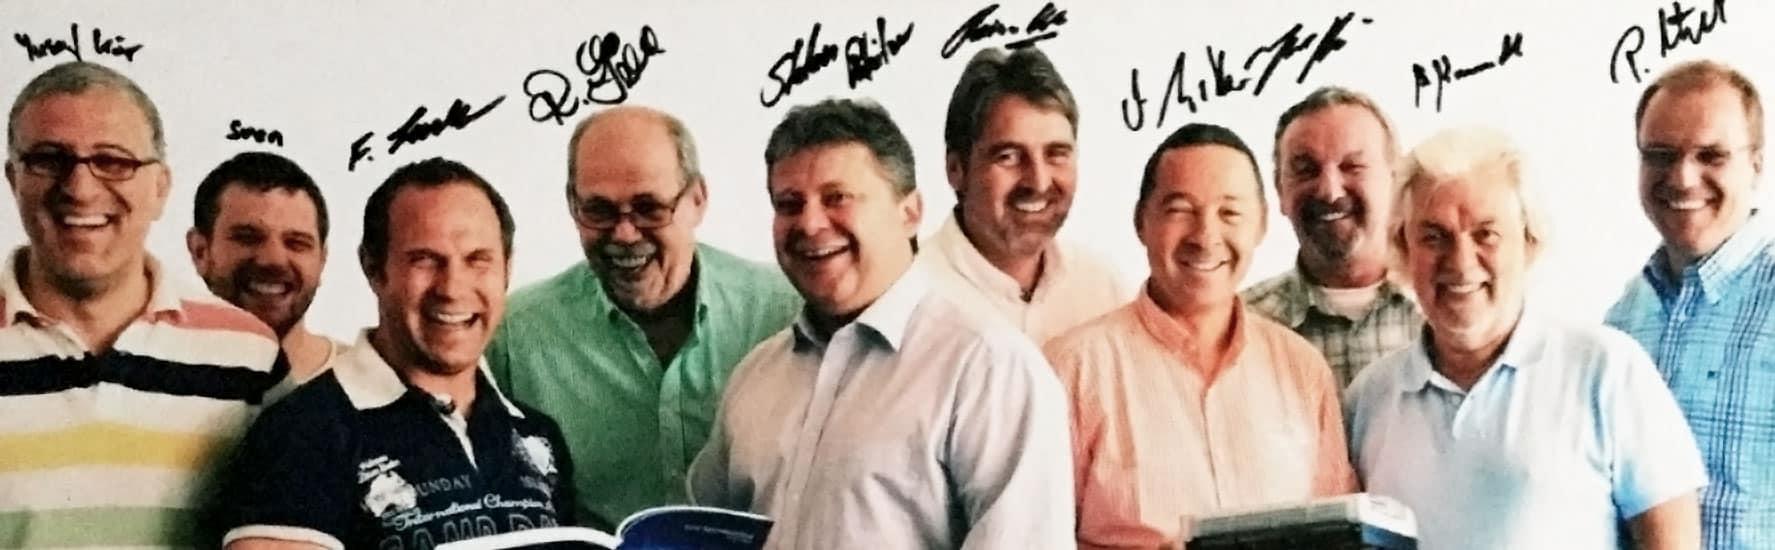 Gruppenbild voller Freude und Erfolg